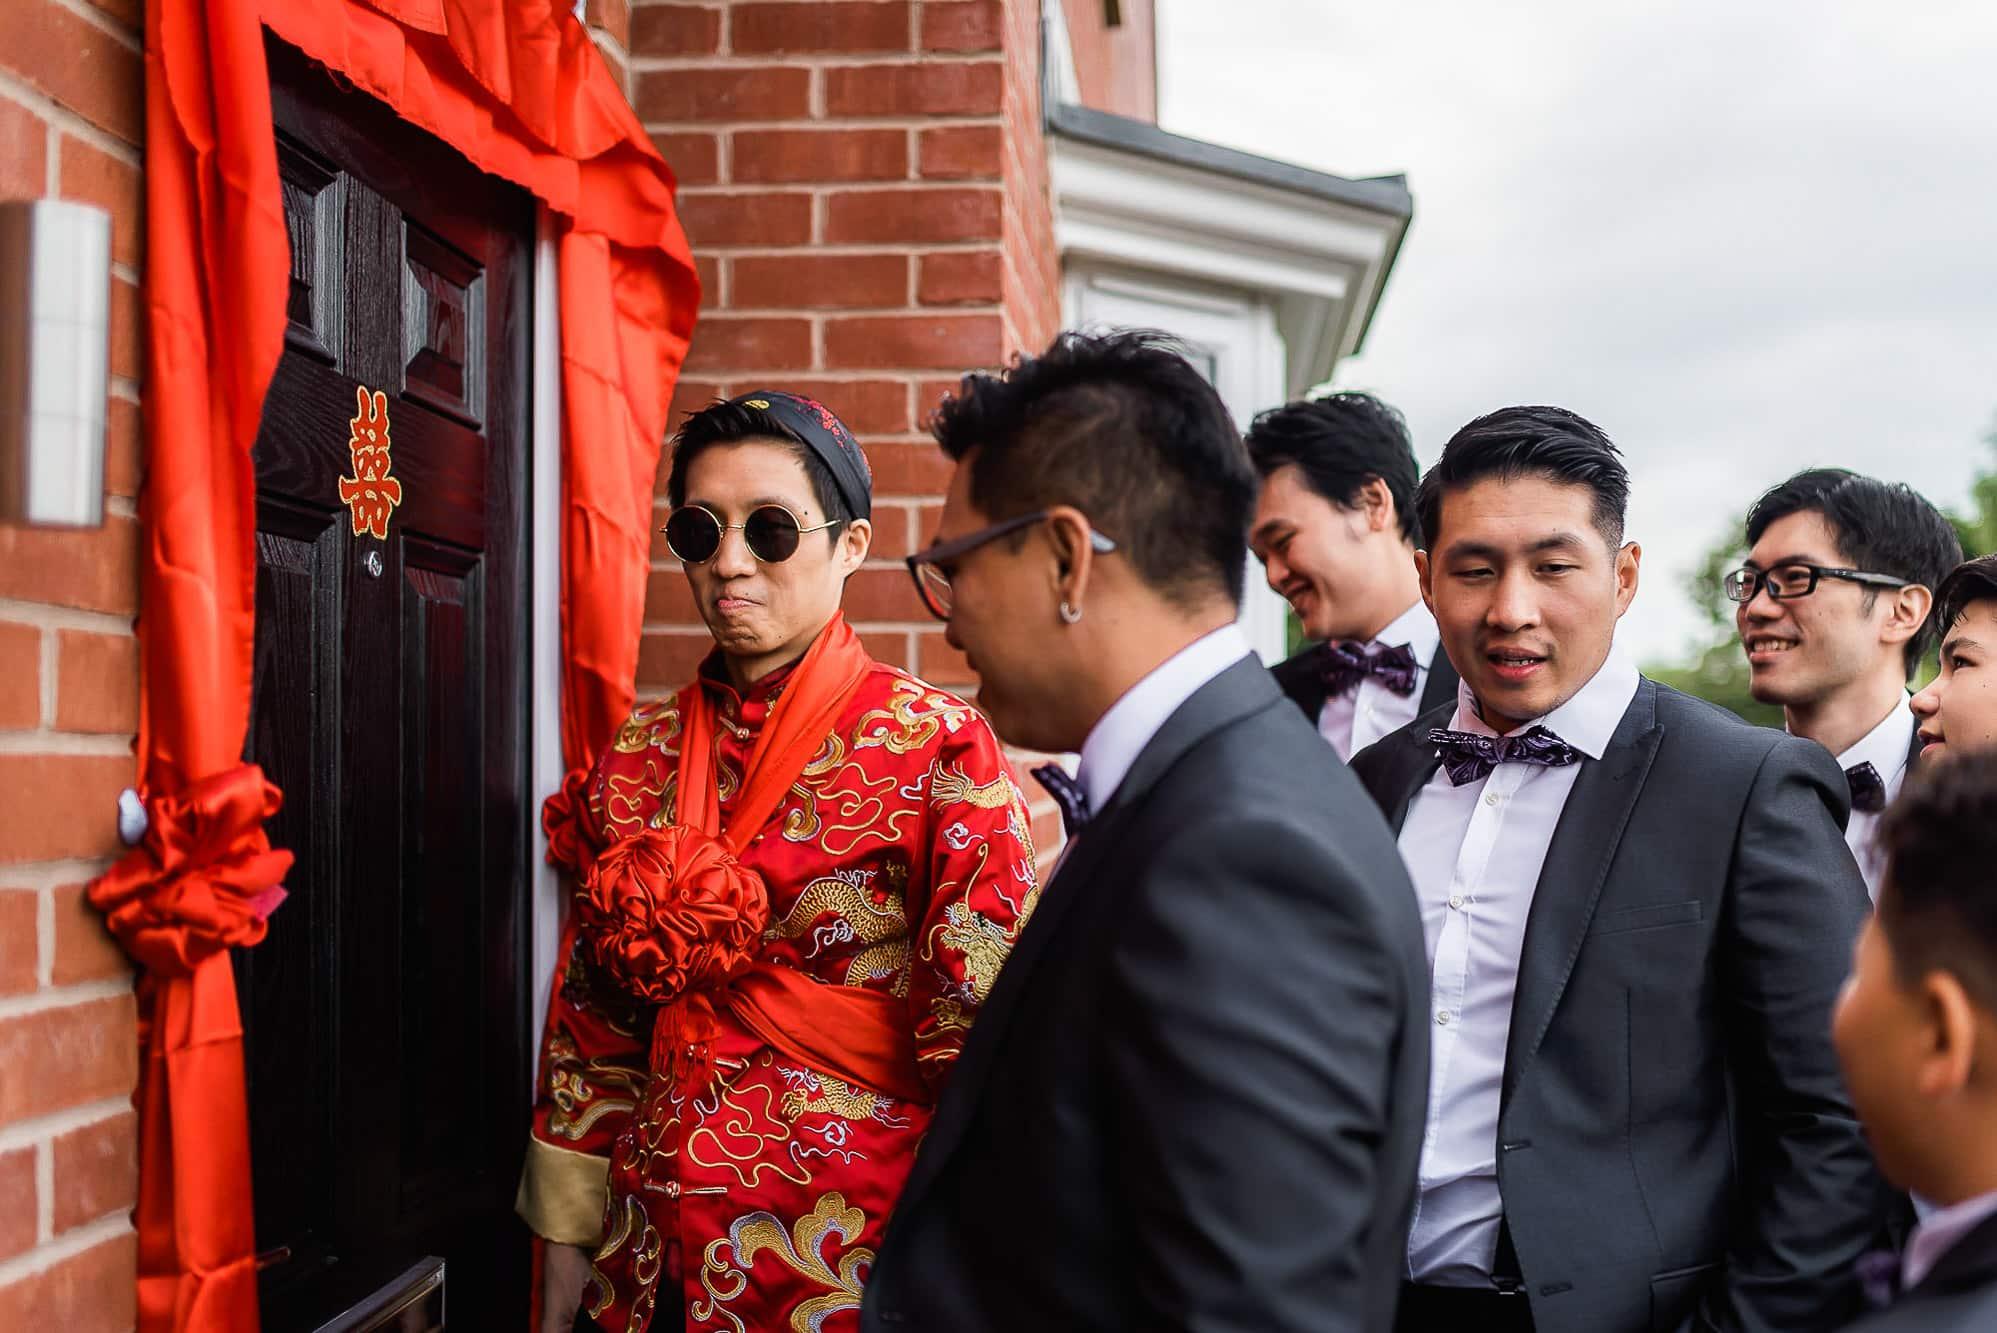 Groom waiting at the door with groomsmen